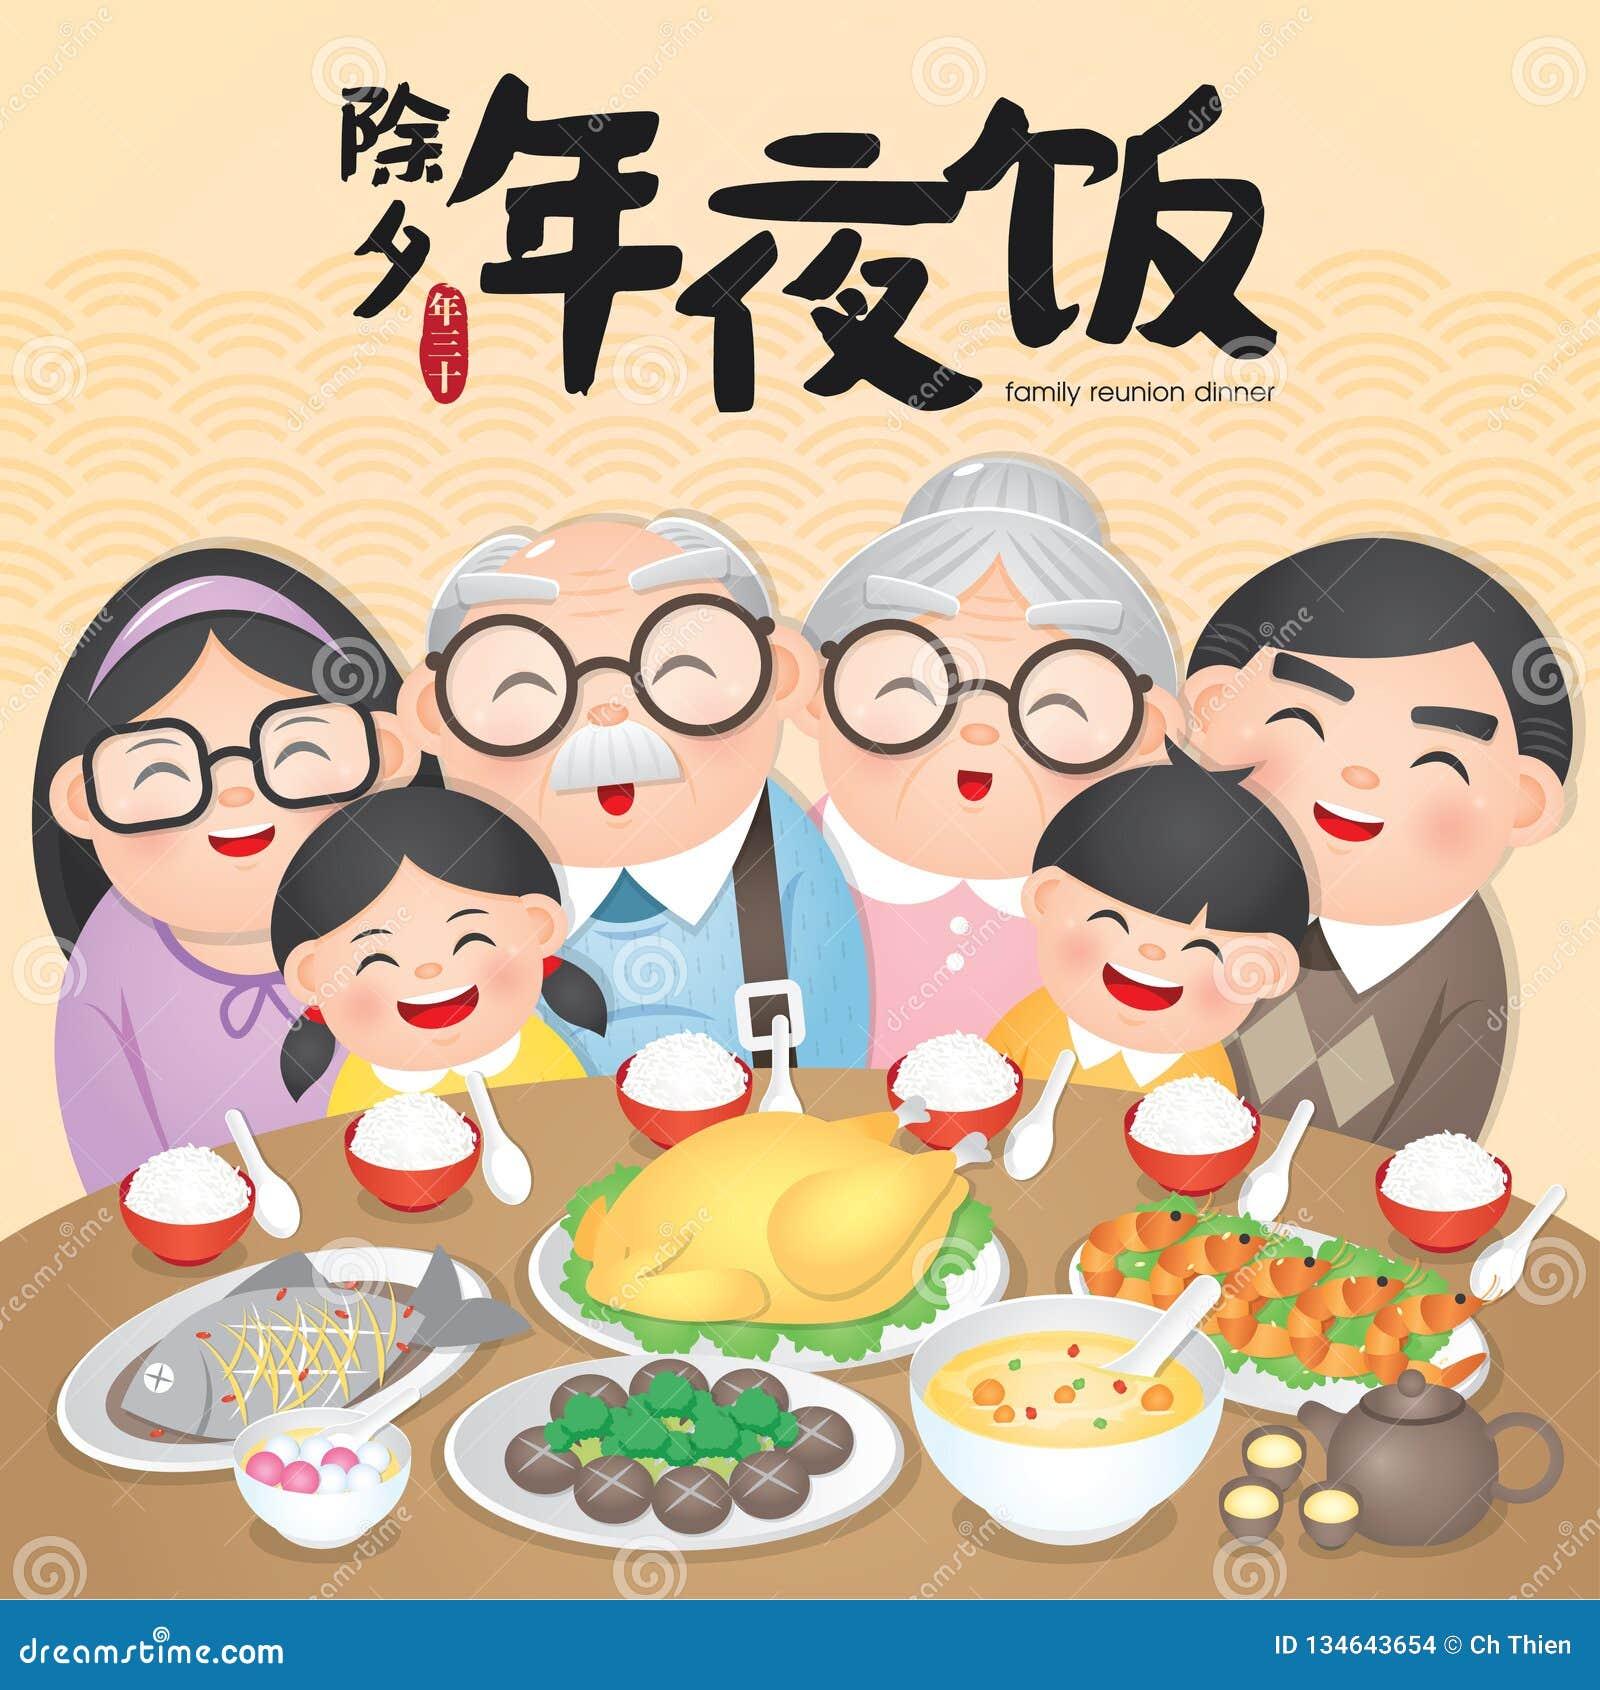 Illustration chinoise de vecteur de dîner de la Réunion de famille de nouvelle année avec les plats délicieux, traduction : Soiré